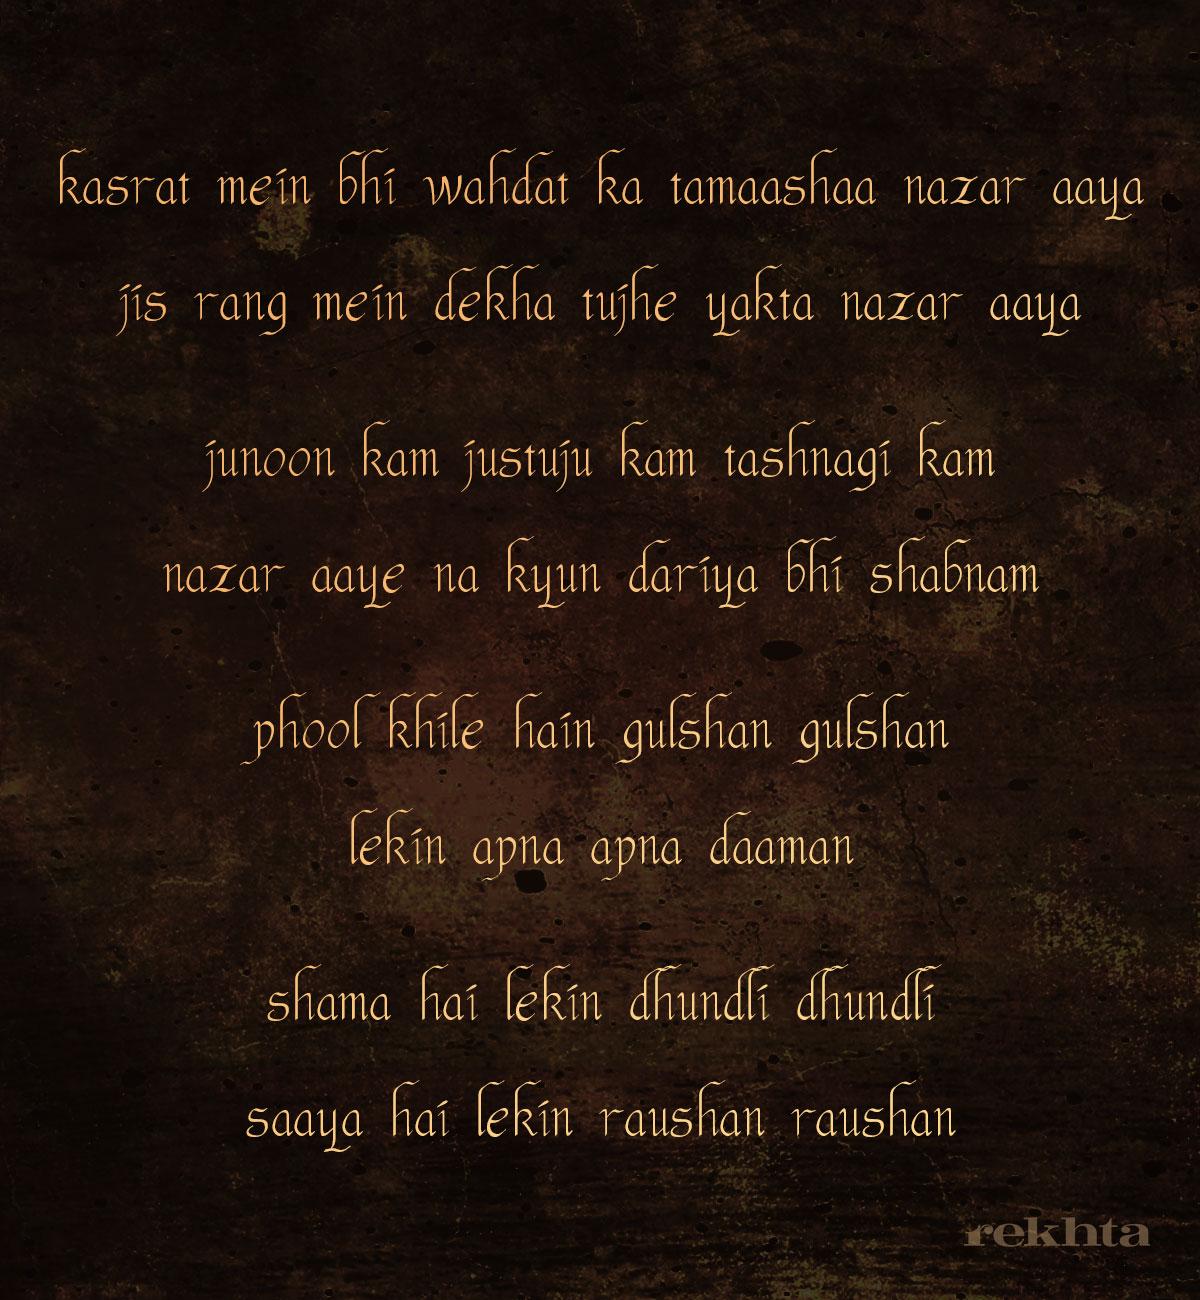 Junoon kam justuju kam tashnagi kam Nazar aaye na kyun dariya bhi shabnam